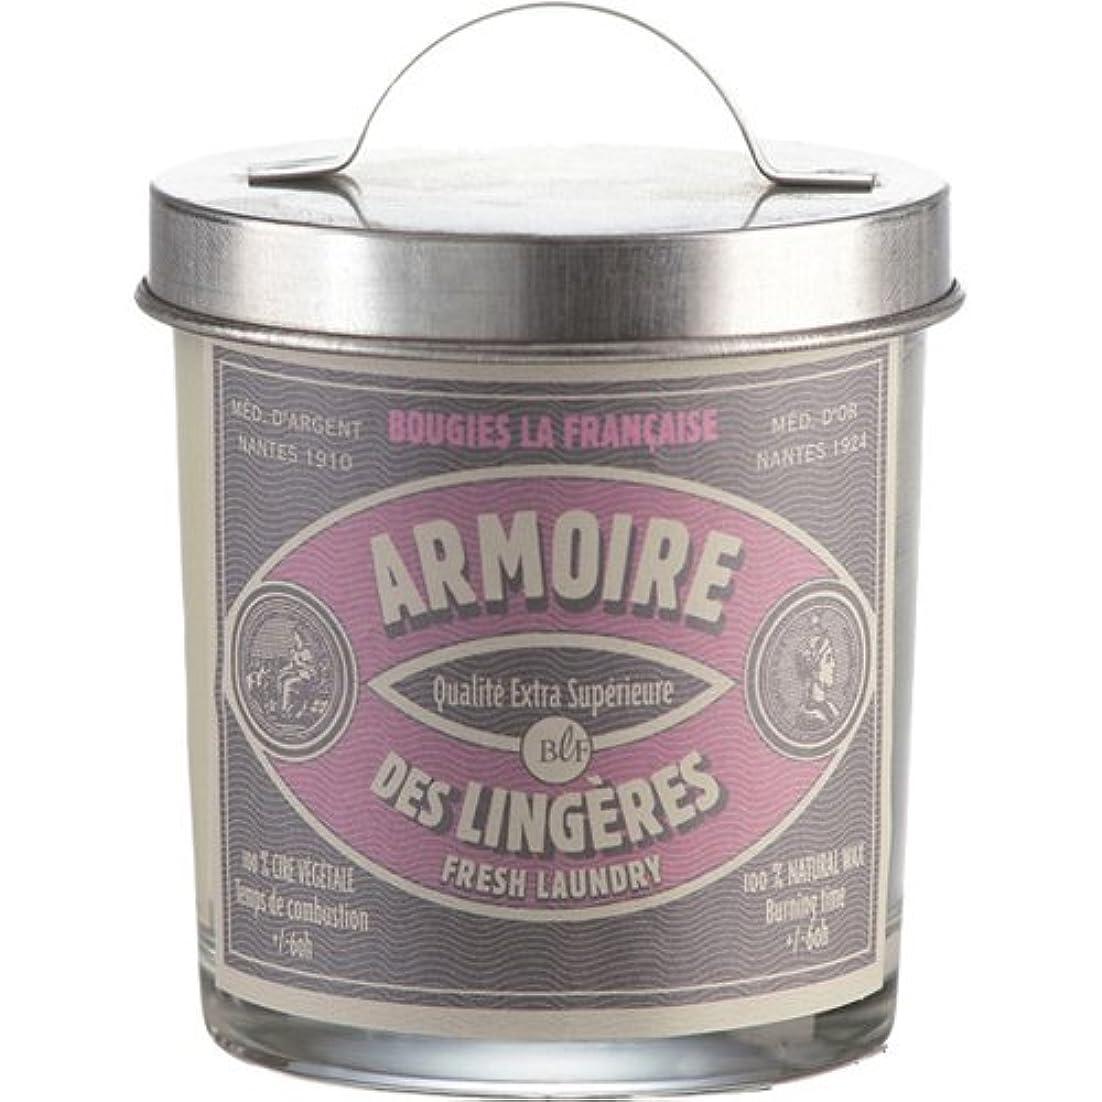 奇跡的な時有効なブジ?ラ?フランセーズ アーティザンリッドキャンドル フレッシュランドリー 燃焼時間約40時間 フランス製